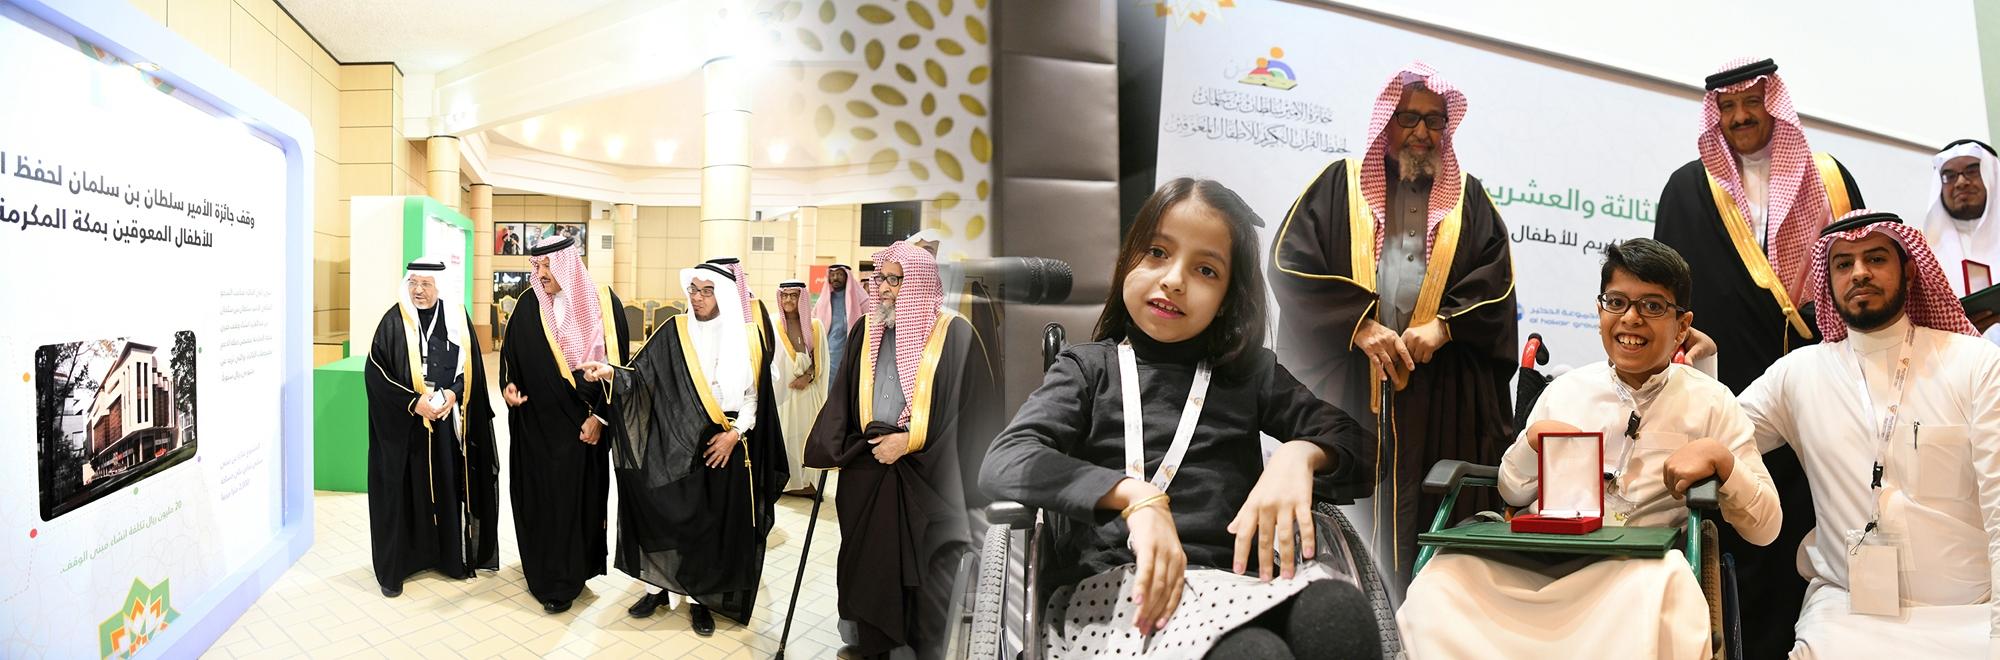 فعاليات جائزة الأمير سلطان بن سلمان لحفظ القرآن الكريم للاطفال المعوقين الدورة 23 الرياض 2019